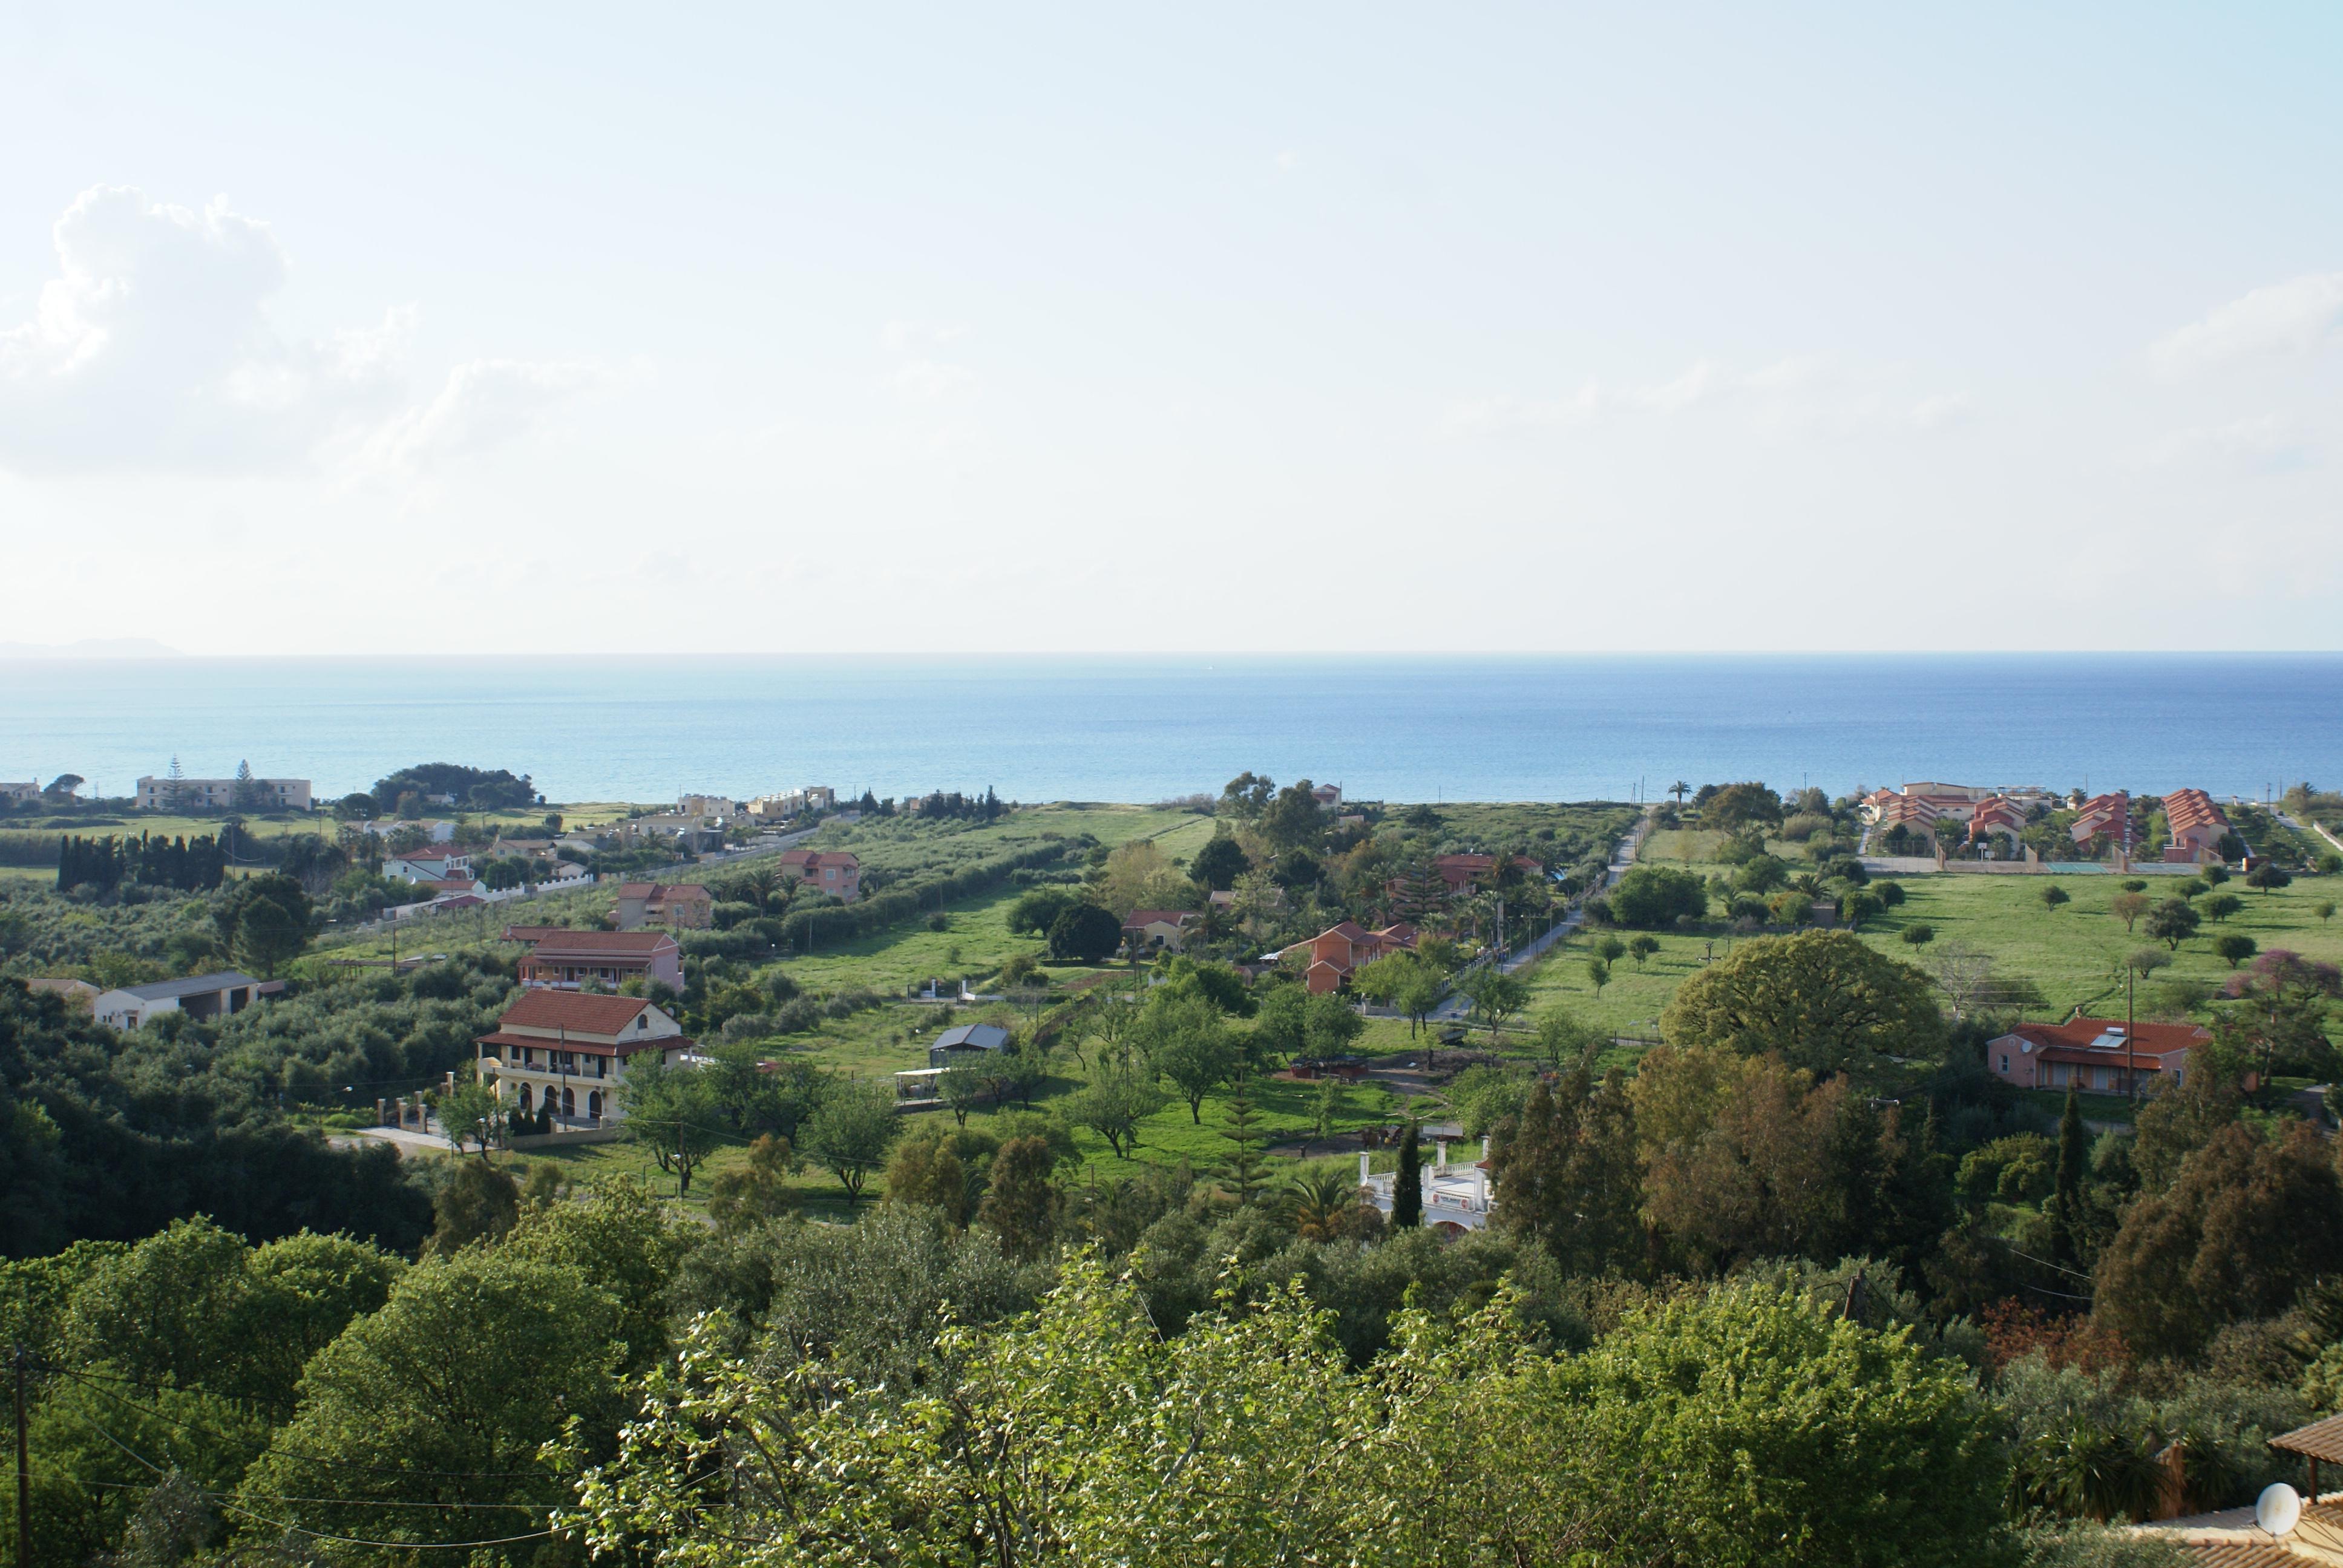 Blick auf das Meer - Korfu Villa Mare e Monti, Almiros, KorfuCorfu.de